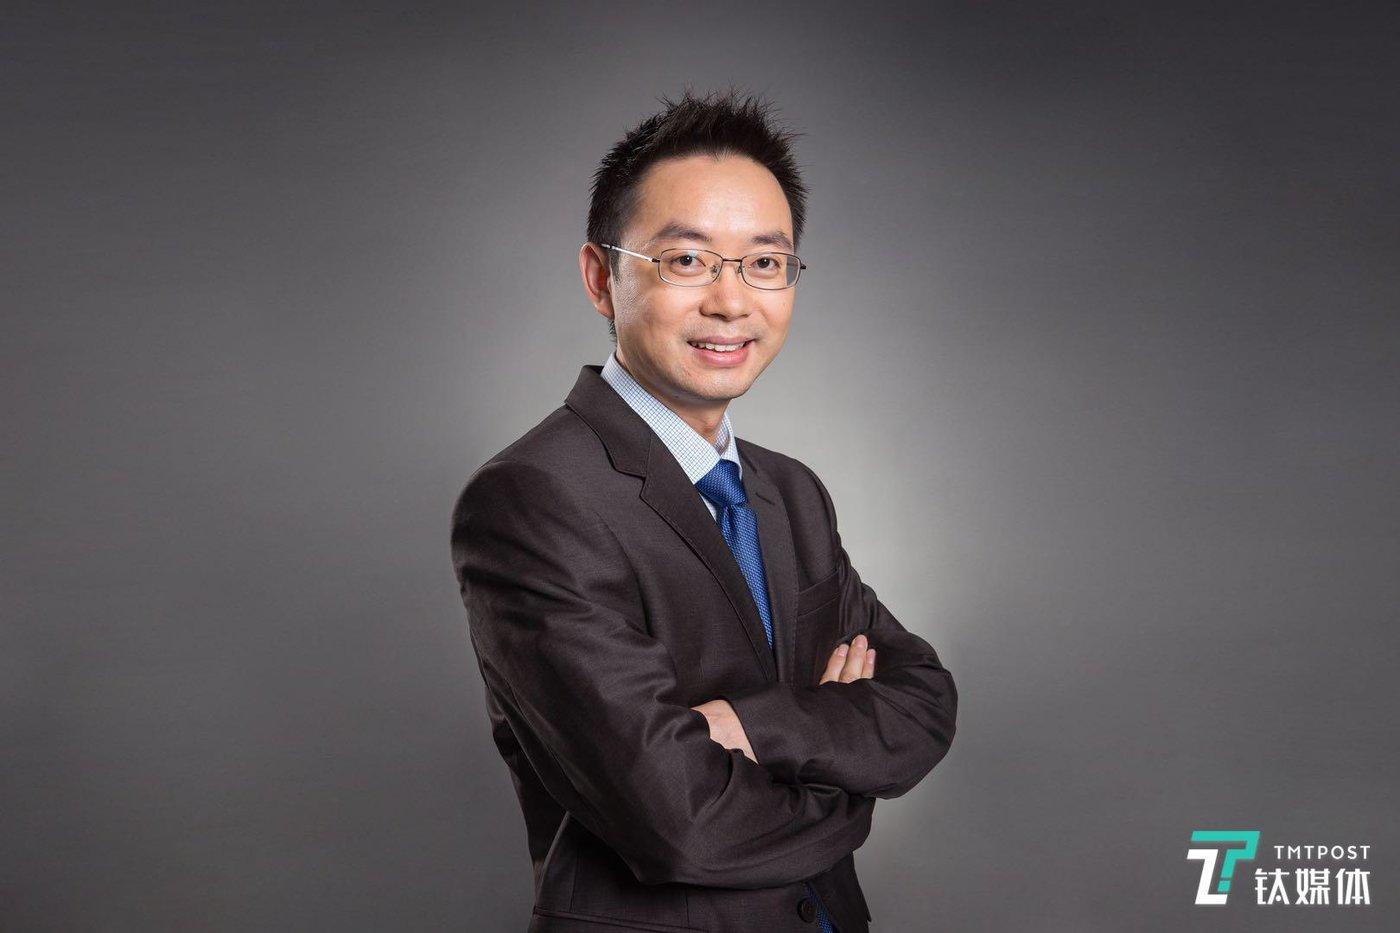 银河航天创始人兼CEO徐鸣